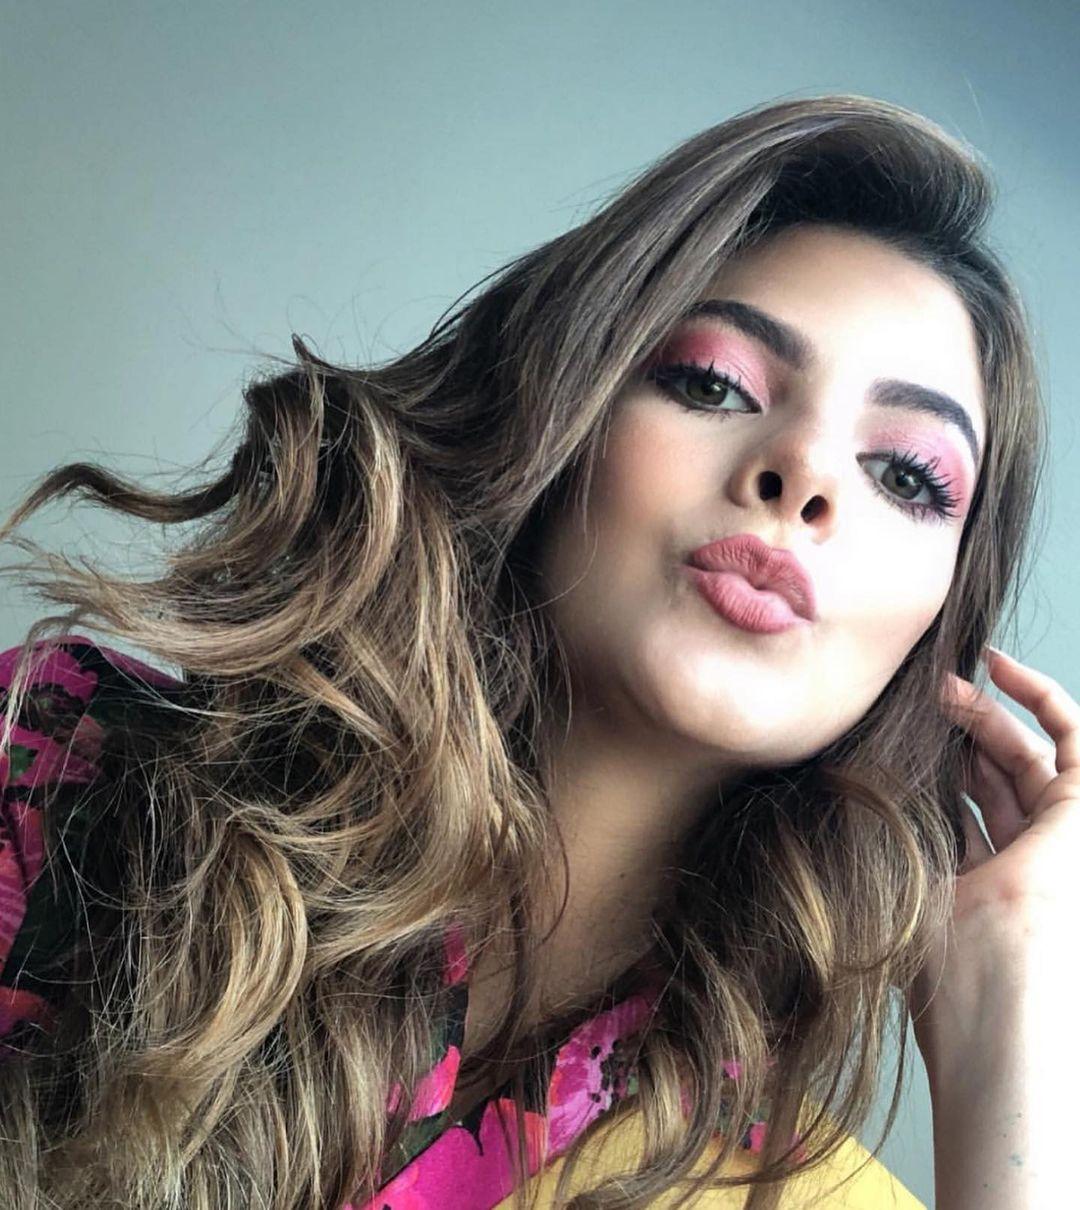 natalia manrique, miss grand colombia 2020. - Página 5 Q3qkzv10